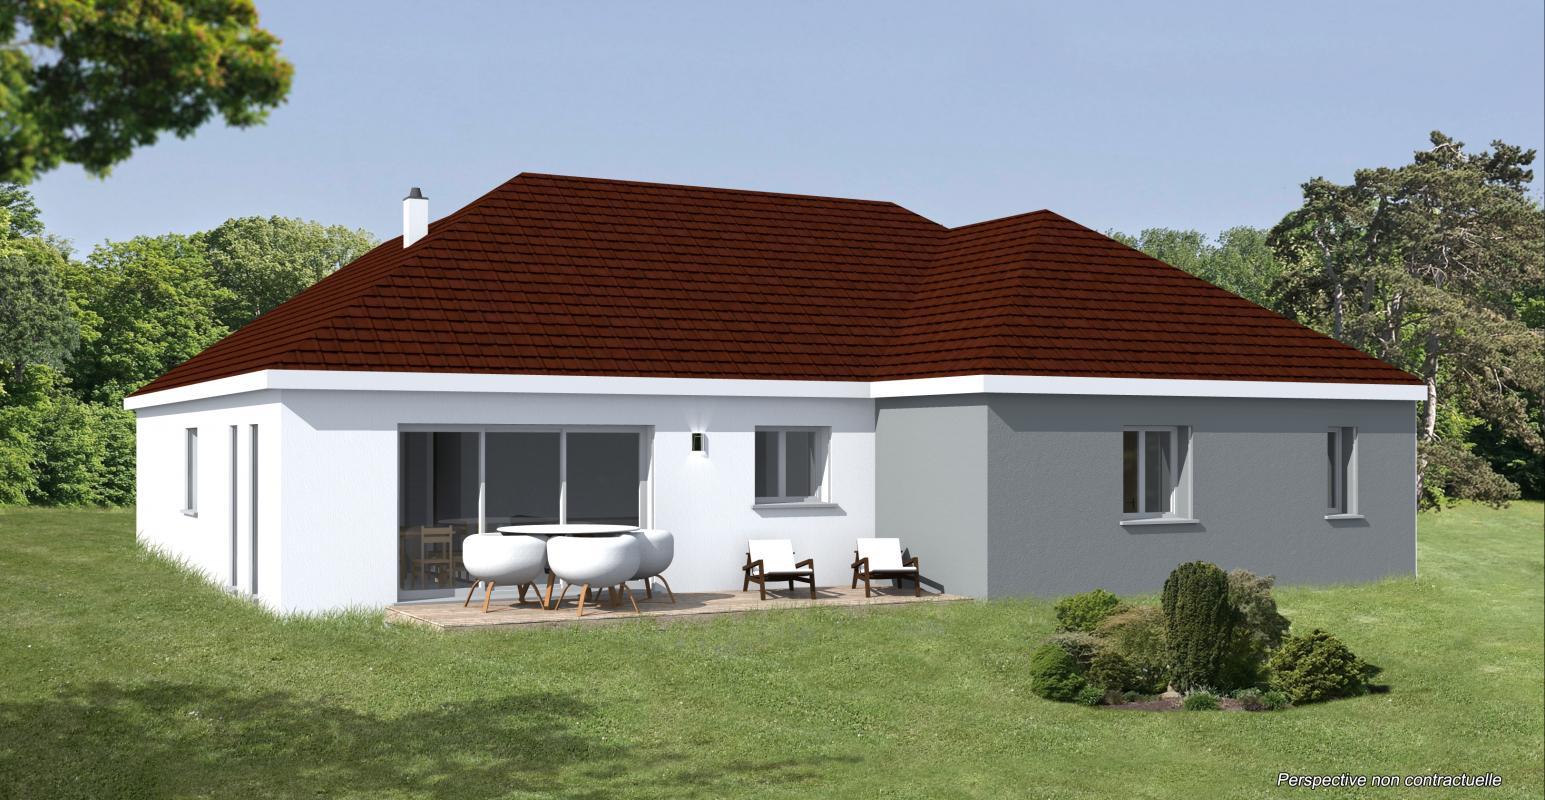 Maisons + Terrains du constructeur KEVAL CONSTRUCTION • 100 m² • SAESSOLSHEIM